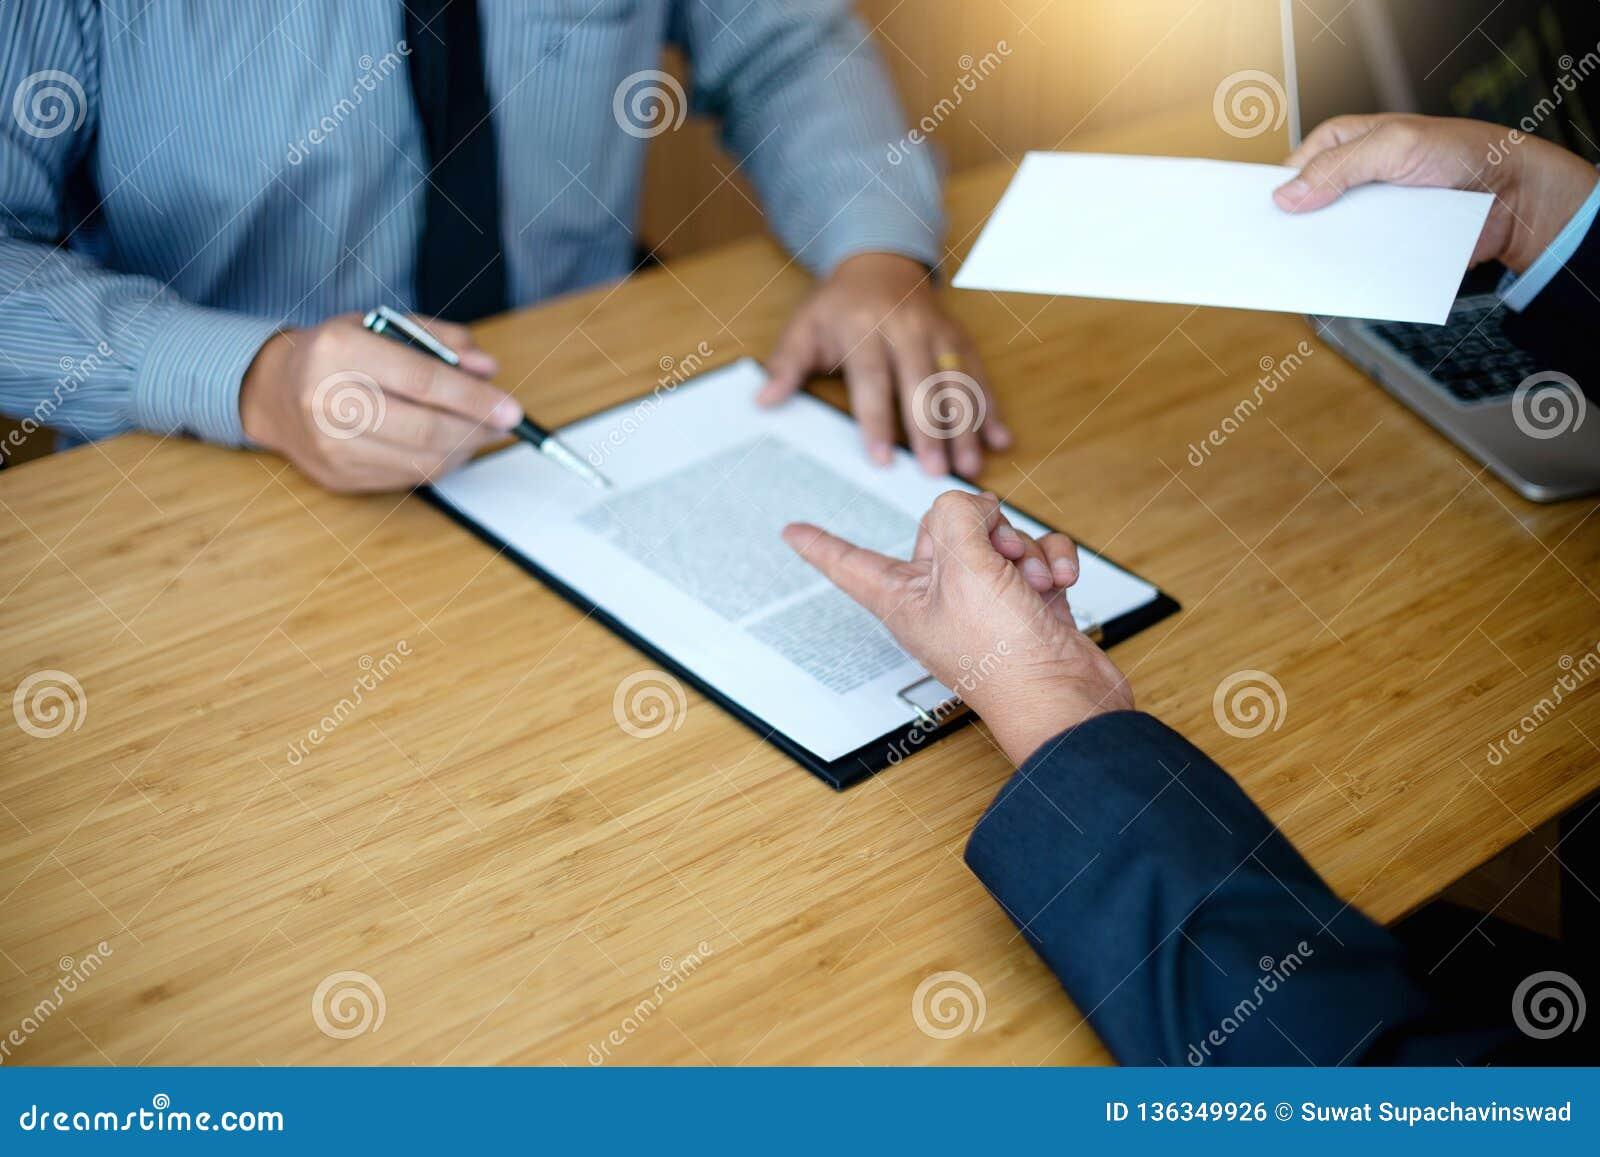 Il capo invia il bianco avvolge il lavoro ha infornato la nota